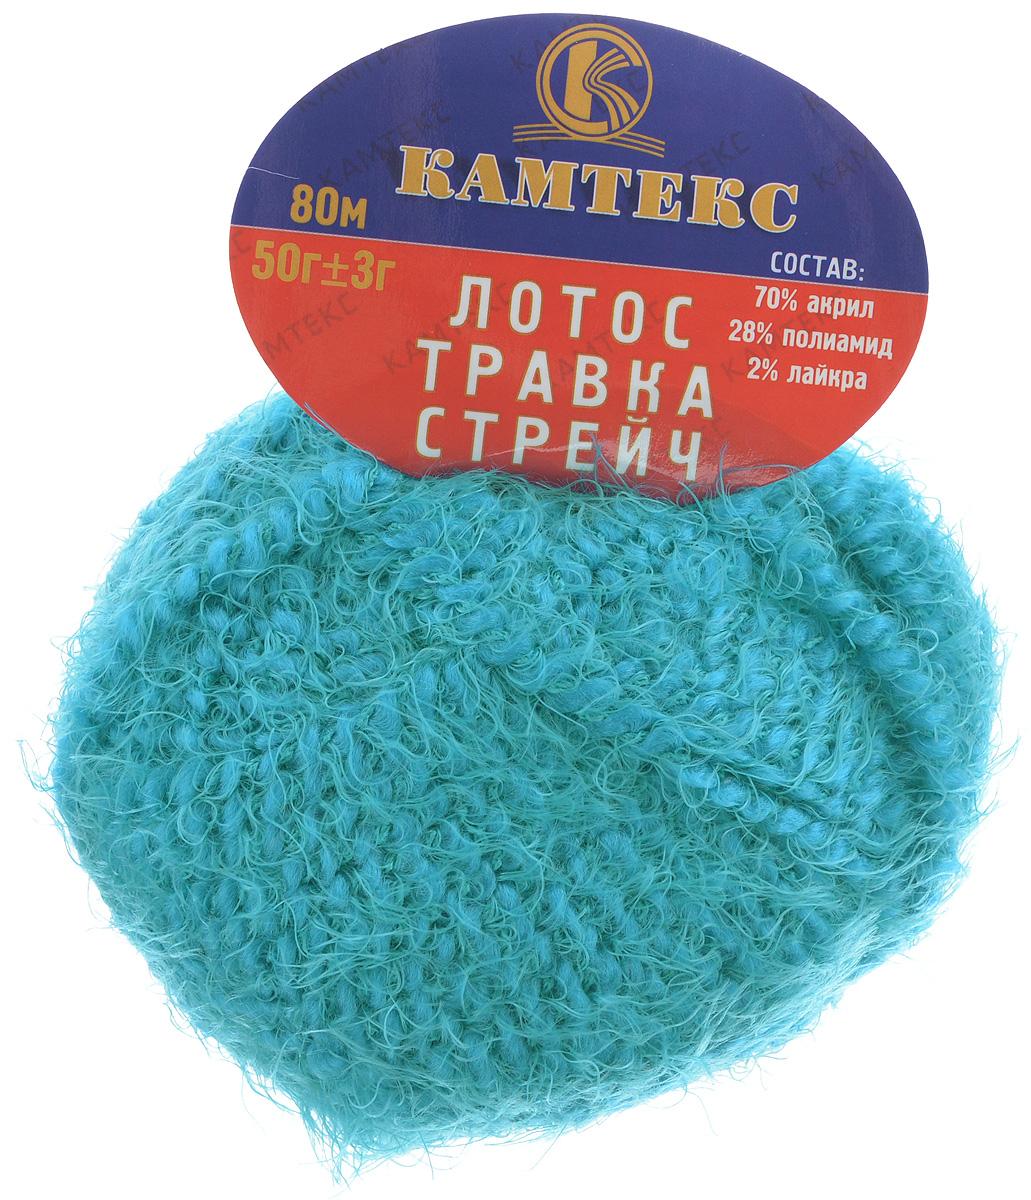 Пряжа для вязания Камтекс Лотос травка стрейч, цвет: темно-бирюзовый (024), 80 м, 50 г, 10 шт136081_024Пряжа для вязания Камтекс Лотос травка стрейч имеет интересный и необычный состав: 70% акрил, 28% полиамид, 2% лайкра. Акрил отвечает за мягкость, полиамид за прочность и формоустойчивость, а лайкра делает полотно необыкновенно эластичным. Эта волшебная плюшевая ниточка удивляет своей мягкостью, вяжется очень просто и быстро, ворсинки не путаются. Из этой пряжи получатся замечательные мягкие игрушки, которые будут, не только приятны, но и абсолютно безопасны для маленьких детей. А яркие и сочные оттенки подарят ребенку радость и хорошее настроение.